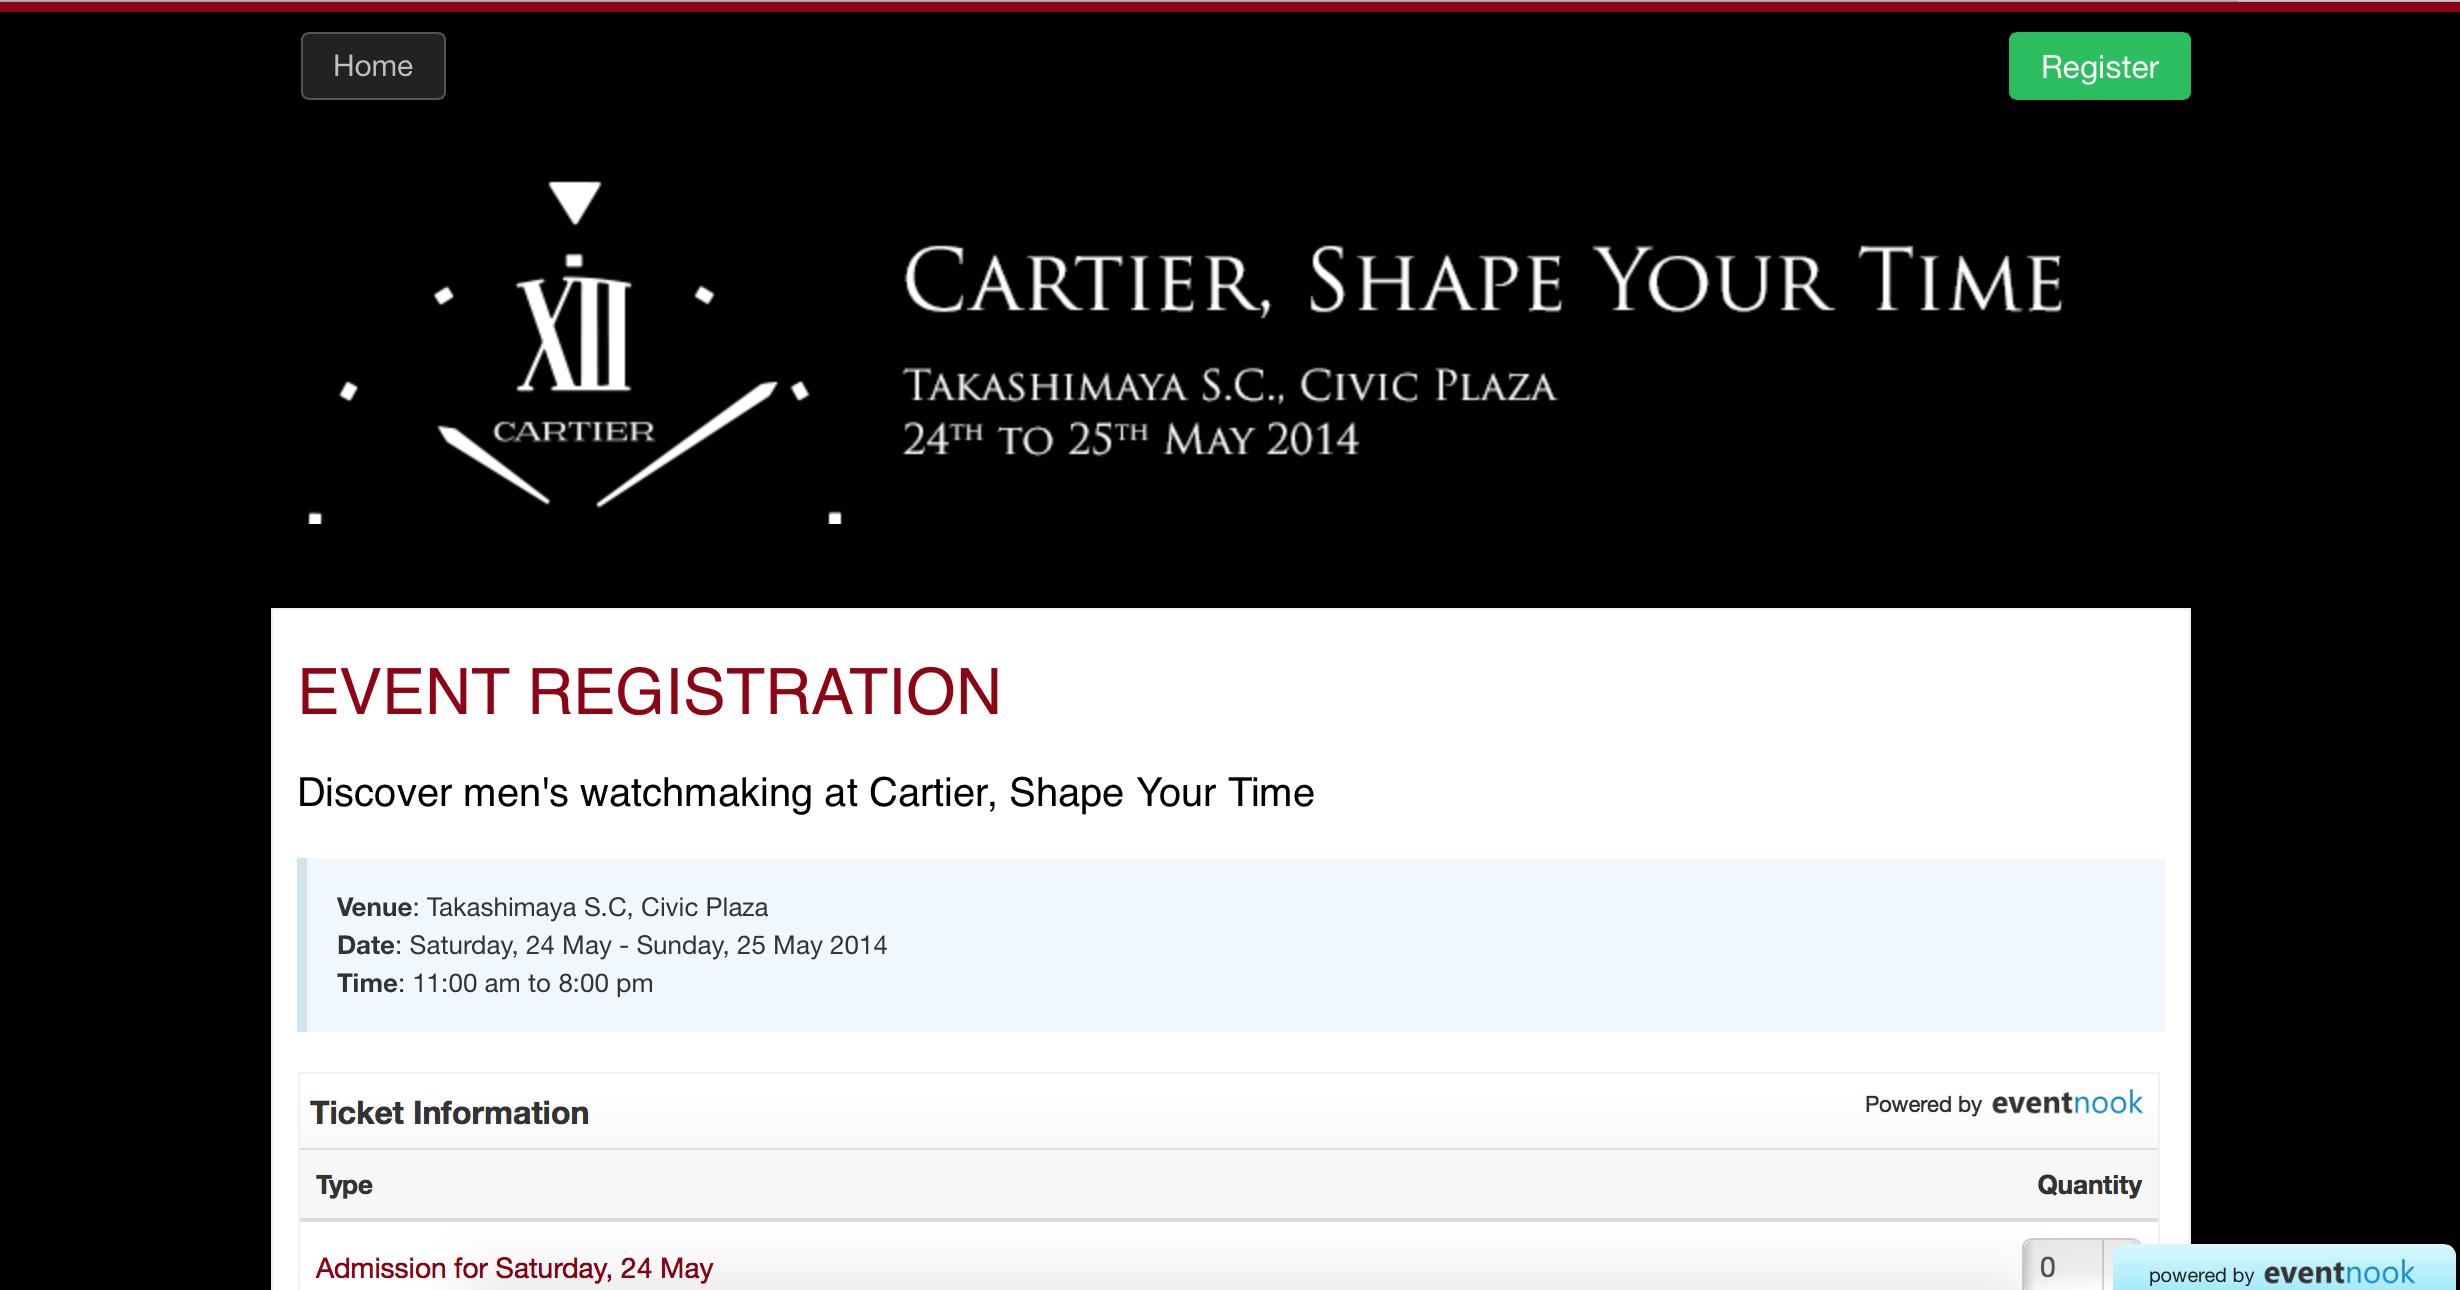 EventNook - Cartier, Shape Your Time 2014